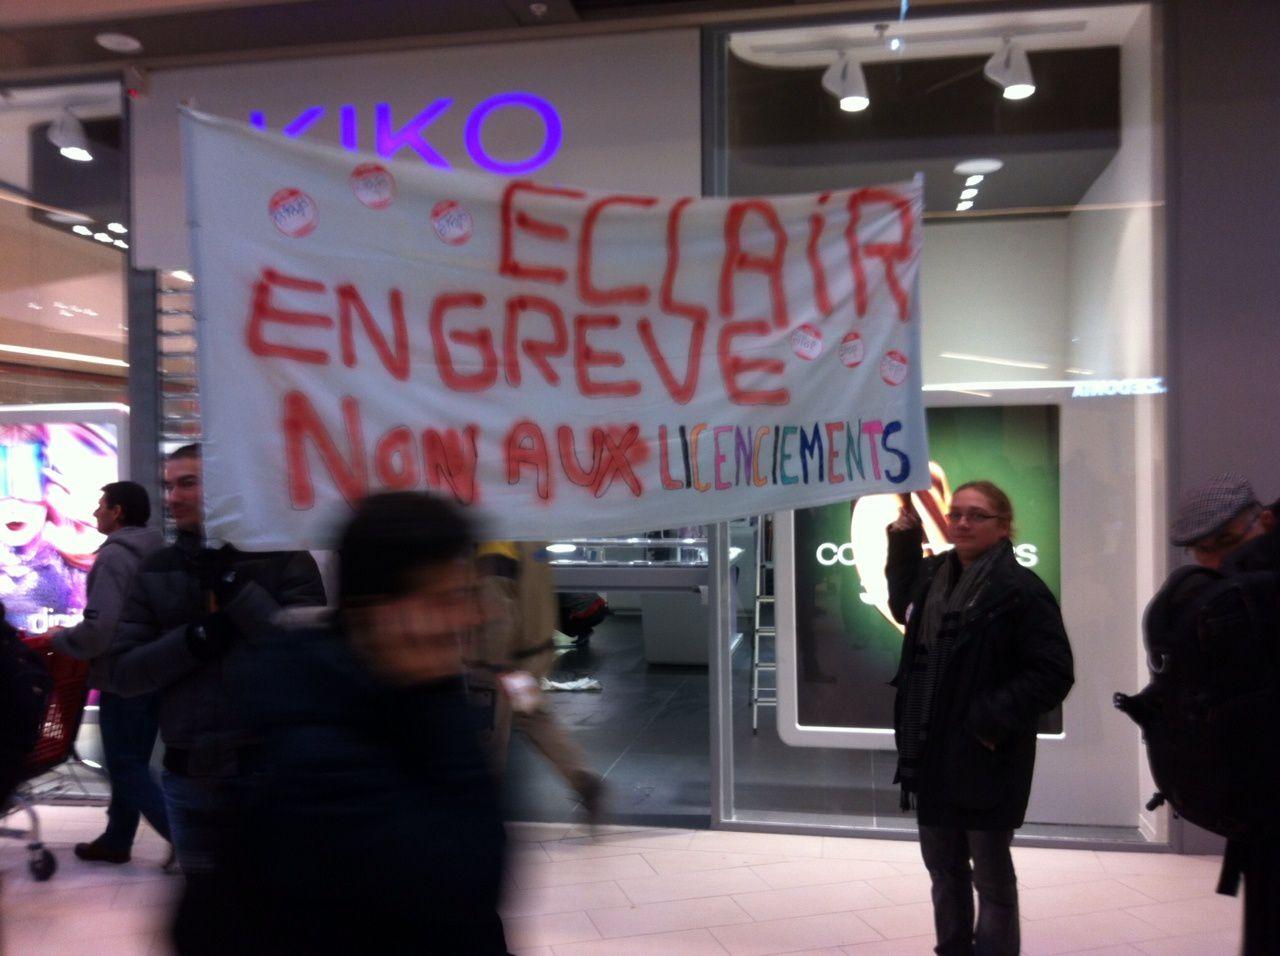 ECLAIR : Non aux licenciements !!